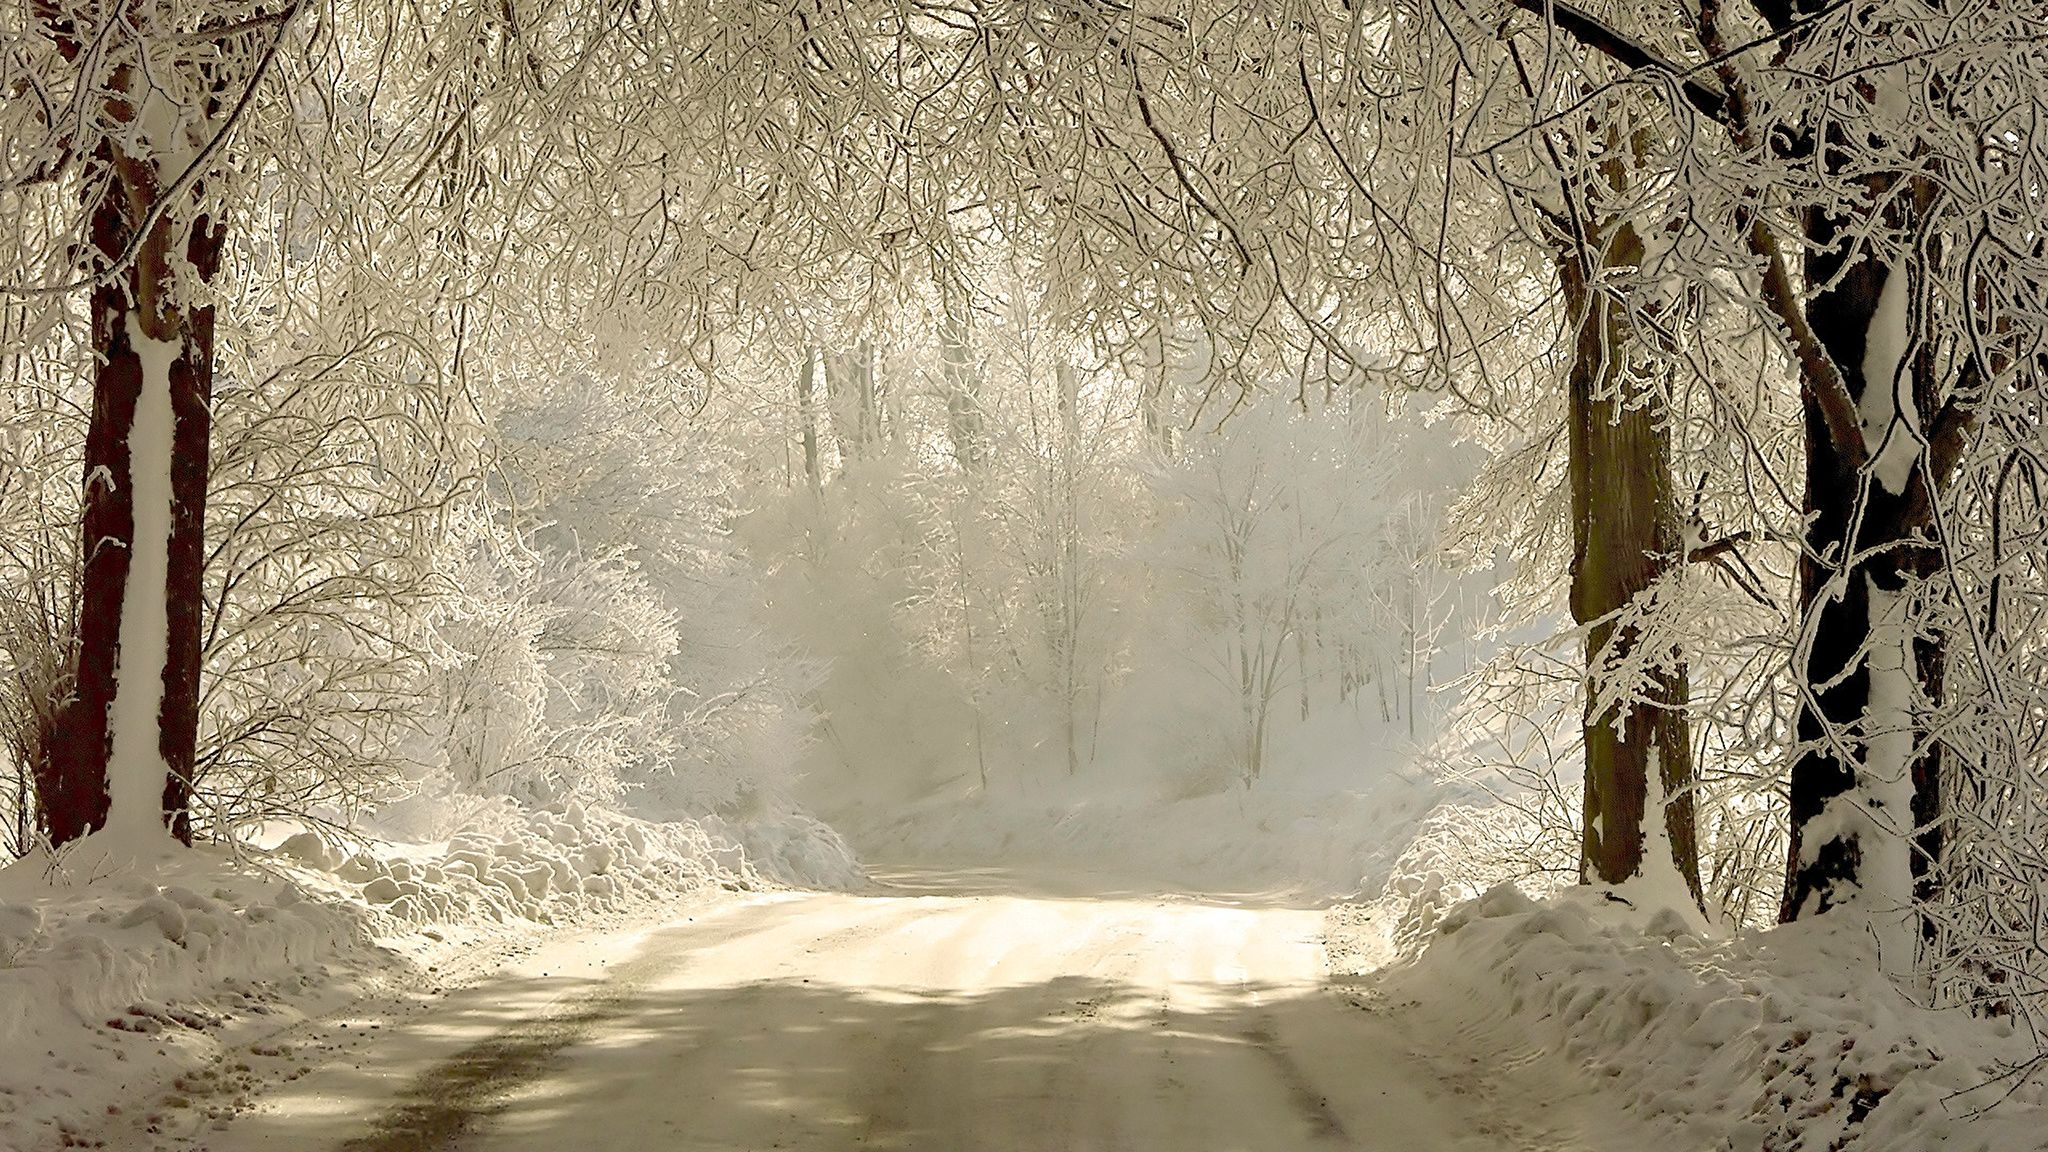 Winter Snow Scenes PC Wallpaper HD